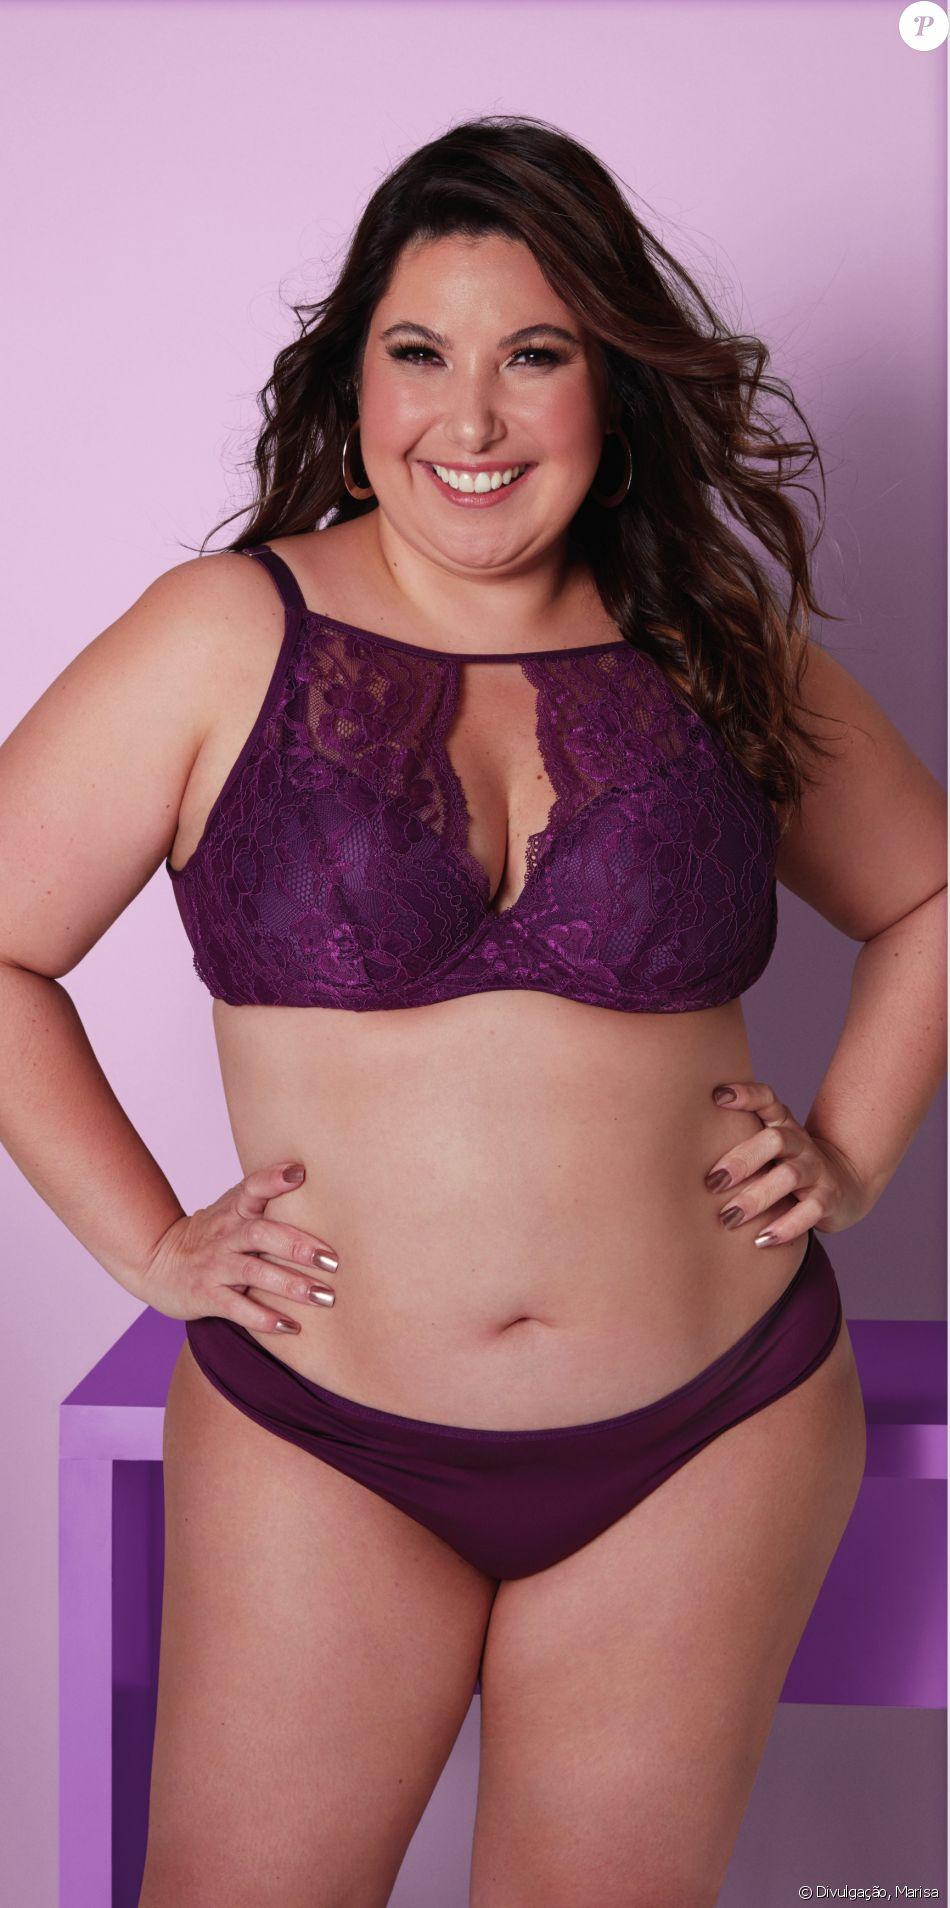 Mariana Xavier gosta de alternar lingeries confortáveis e sexy: ' Eu sou muito do conforto no dia-a-dia mas eu gosto das coisas bonitas também'